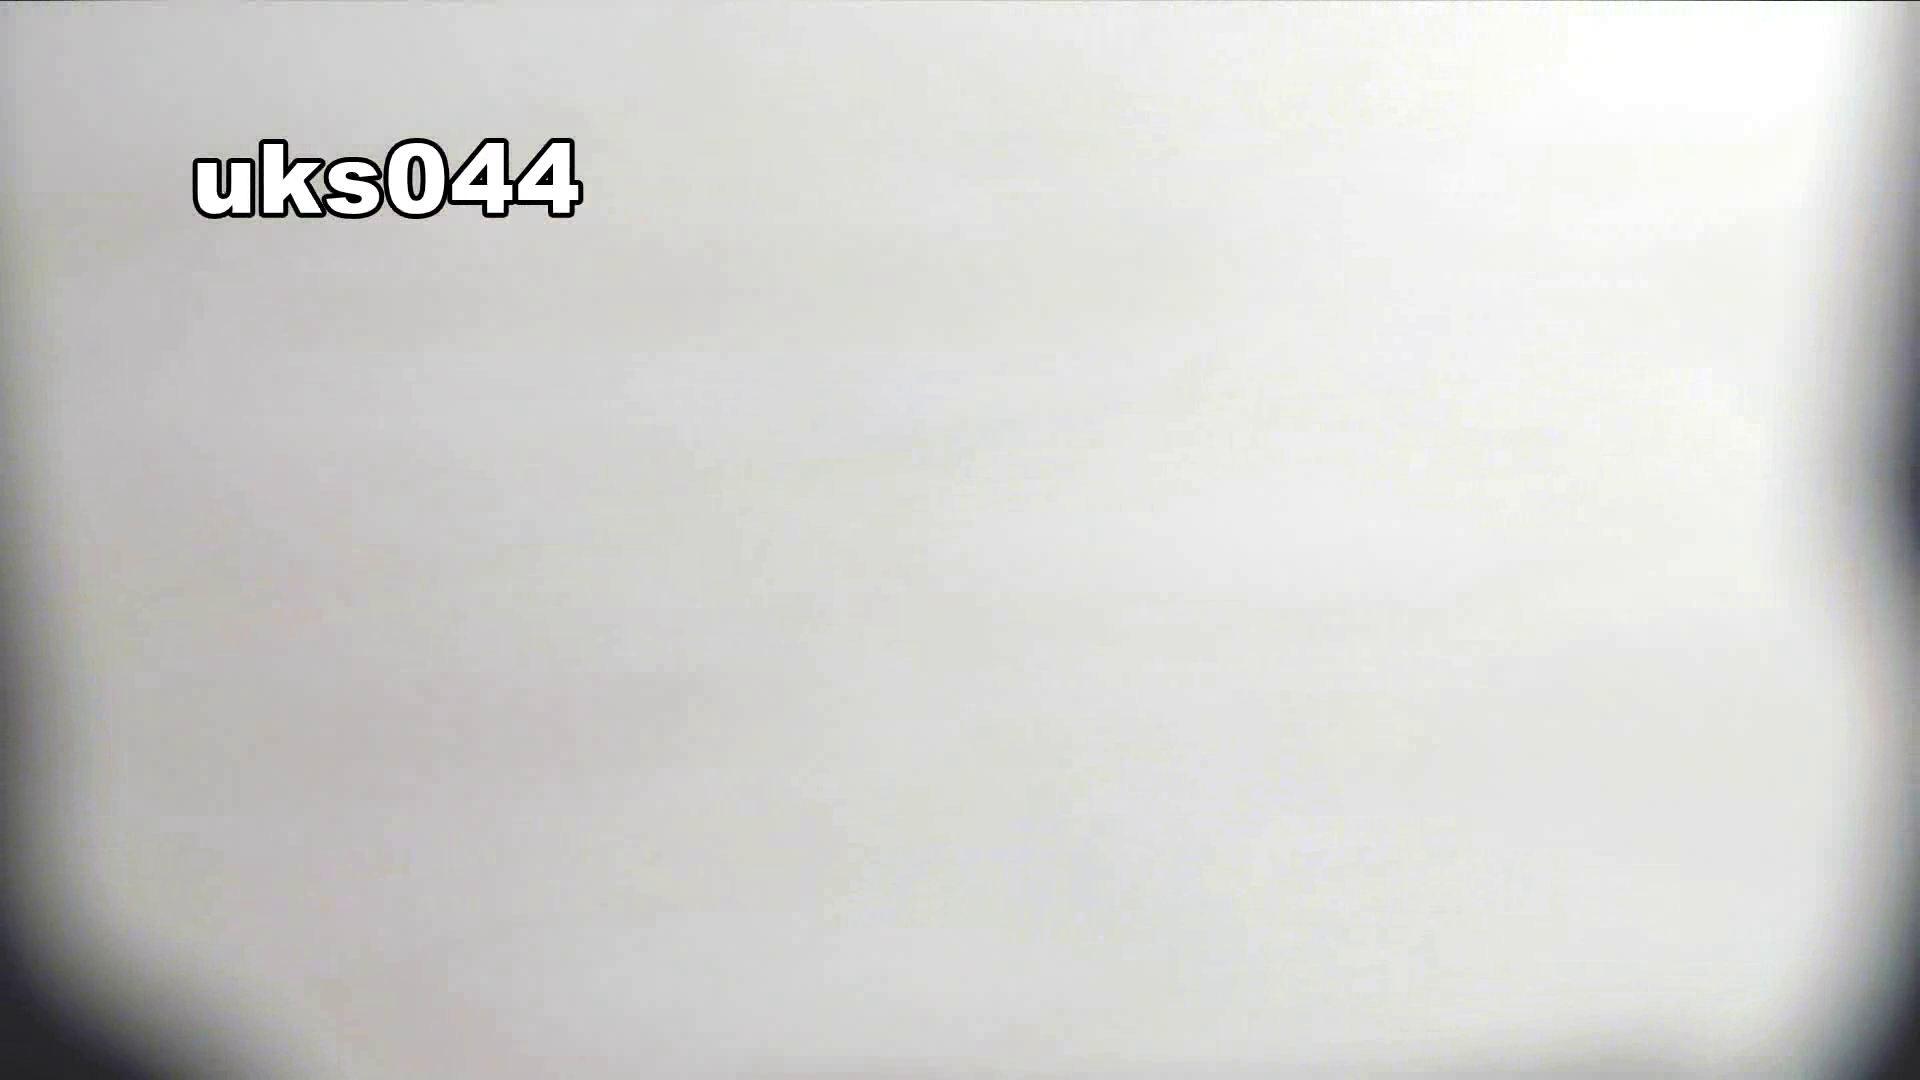 【美しき個室な世界】 vol.044 8倍くらいケツ毛バーガー 高画質  108枚 3